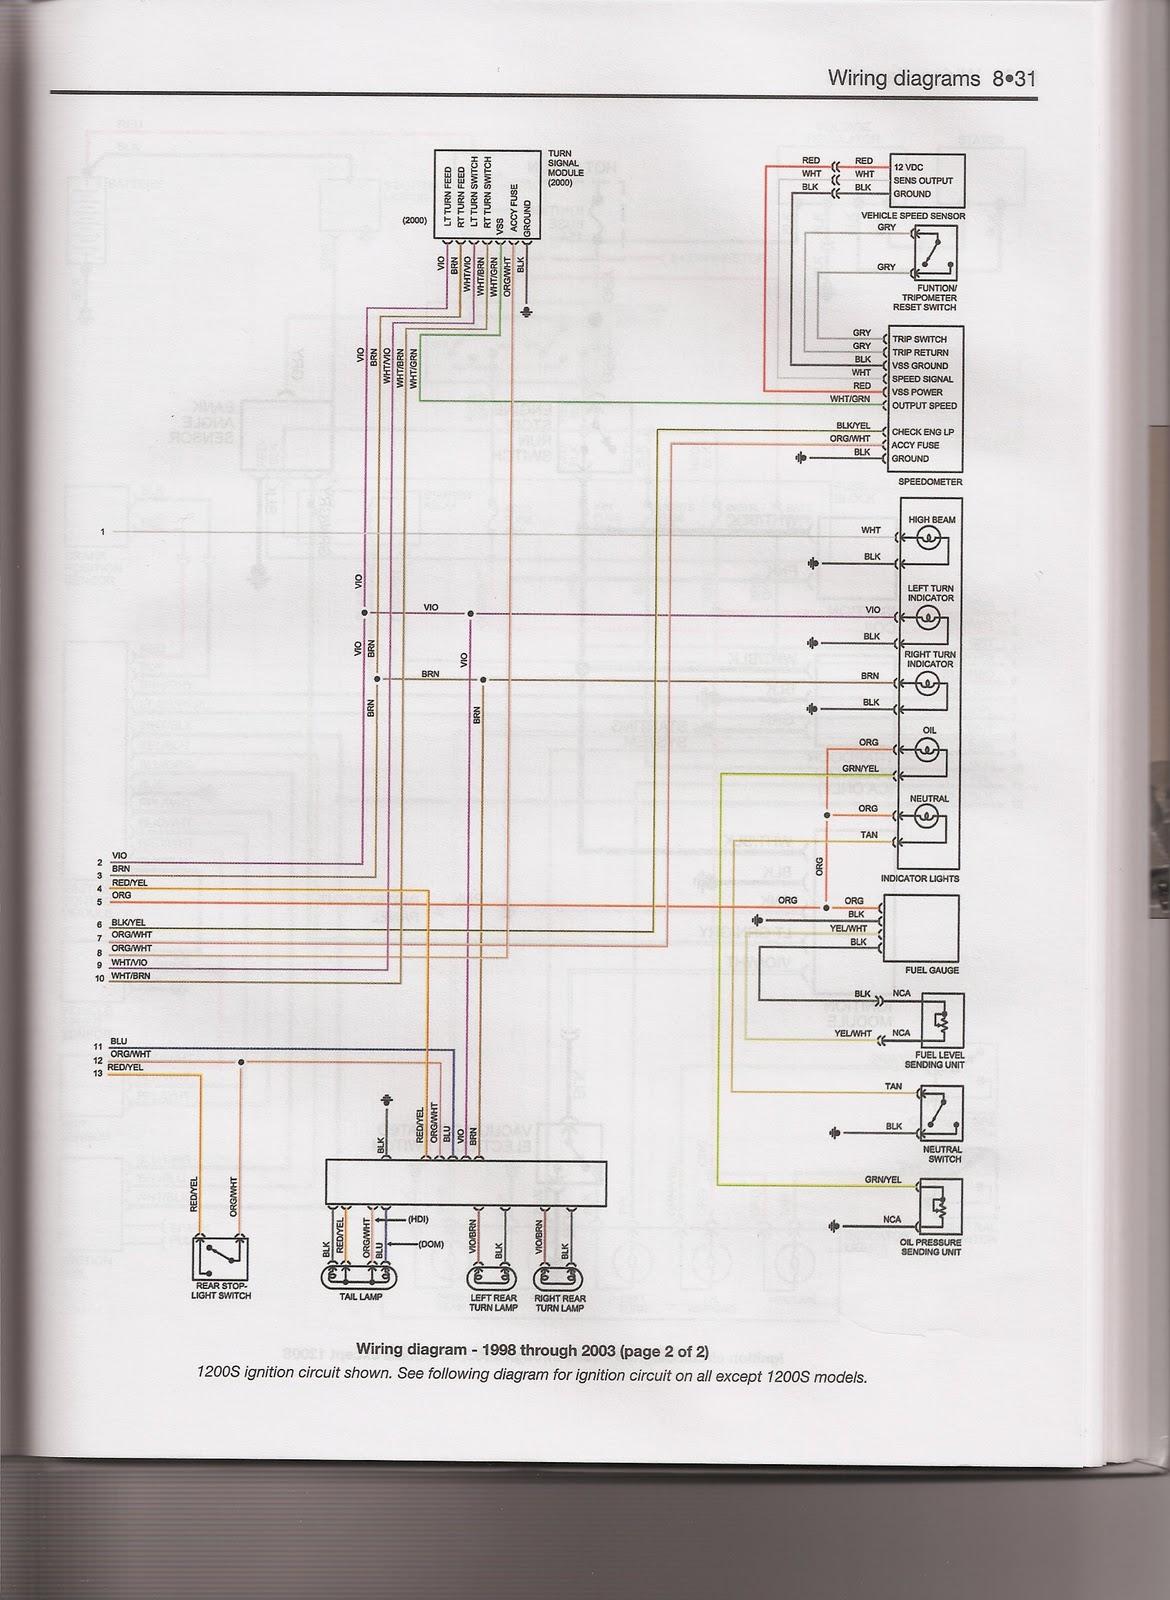 hight resolution of kracker jacks wiring diagrams for a 98 03 sportster rh krackerjacksc blogspot com 77 sportster wiring